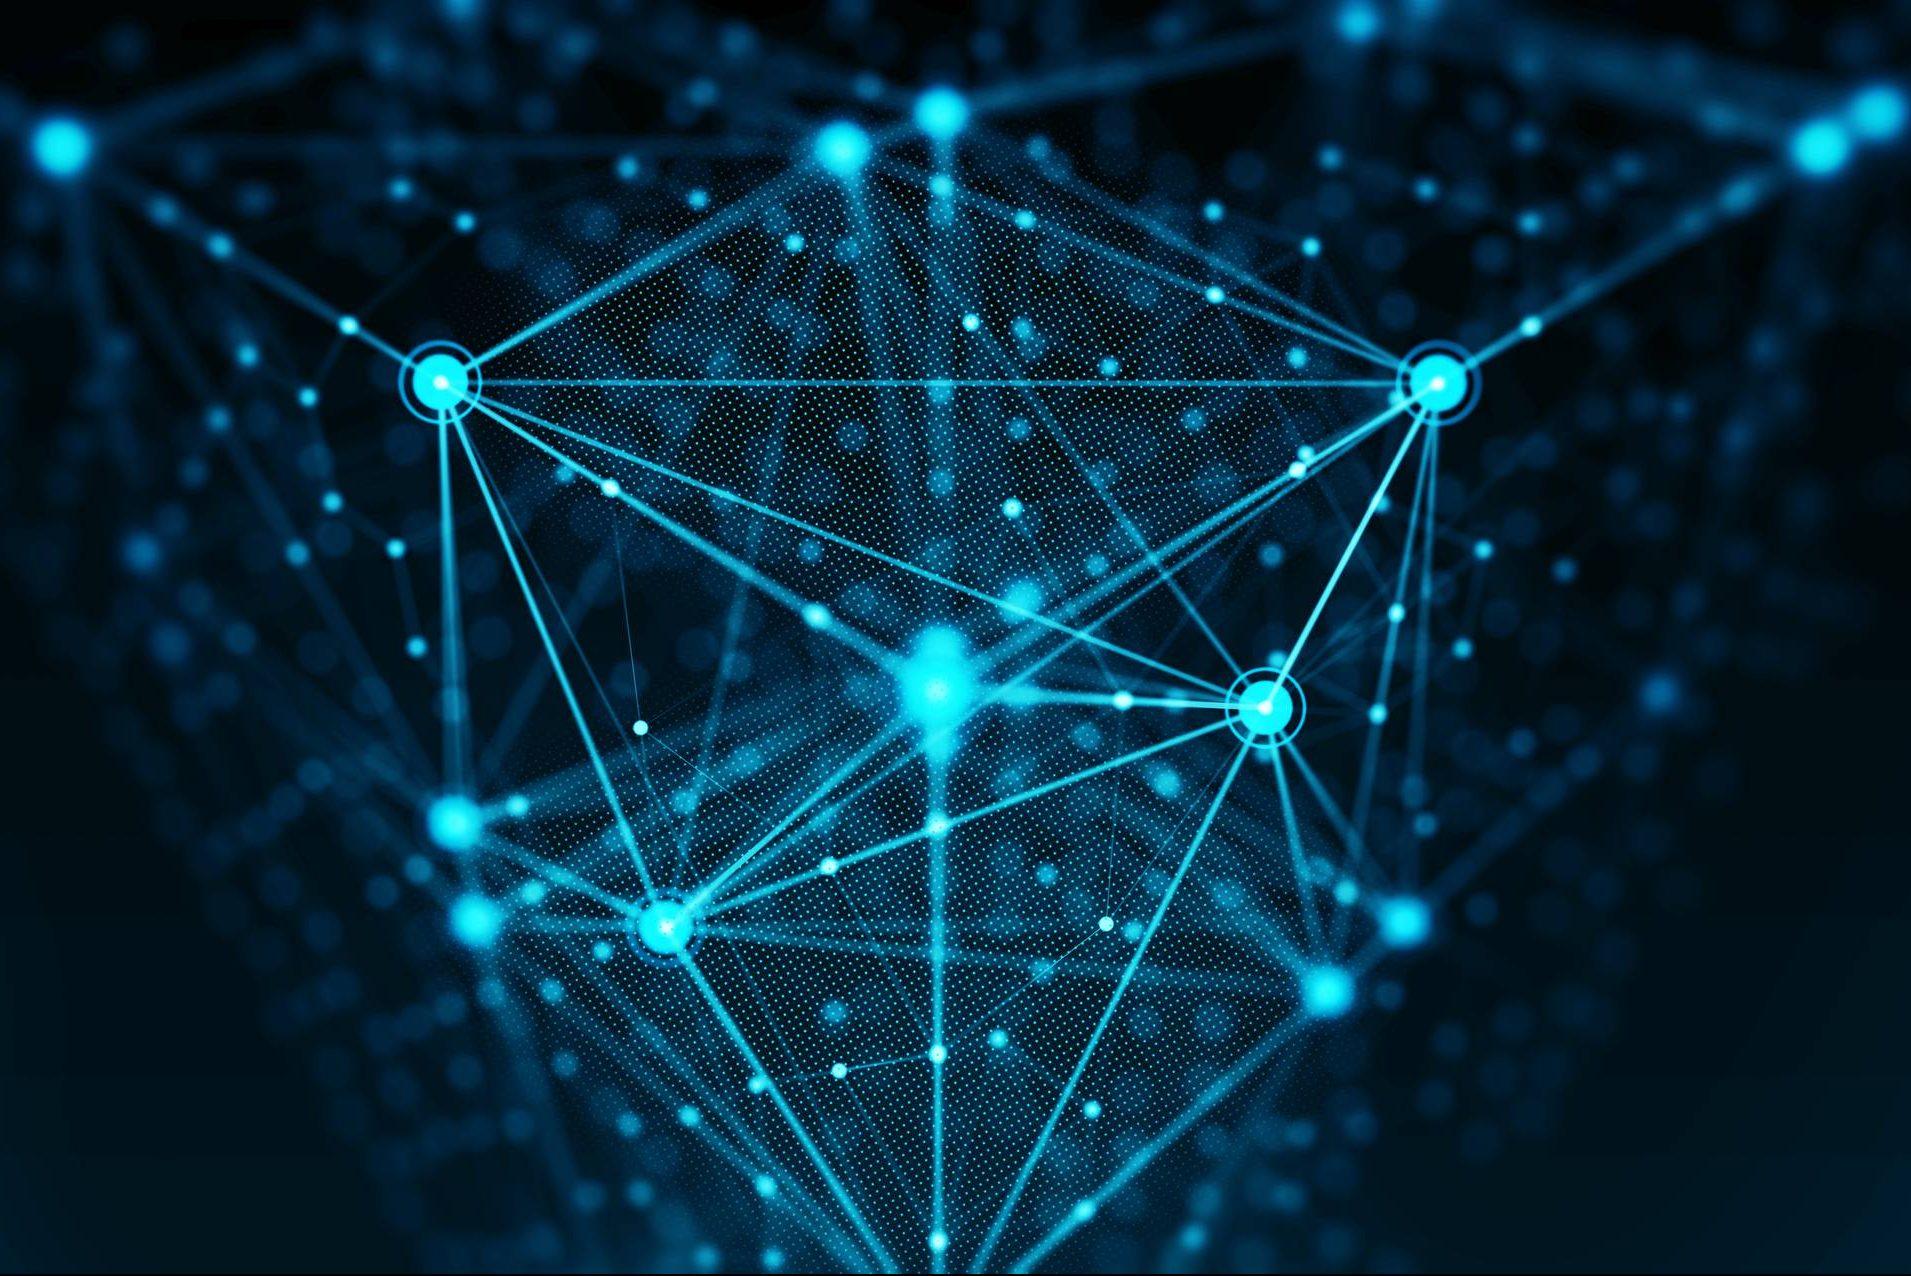 Firma de auditoría Deloitte está ayudando a sus clientes a implementar tecnología blockchain en sus negocios